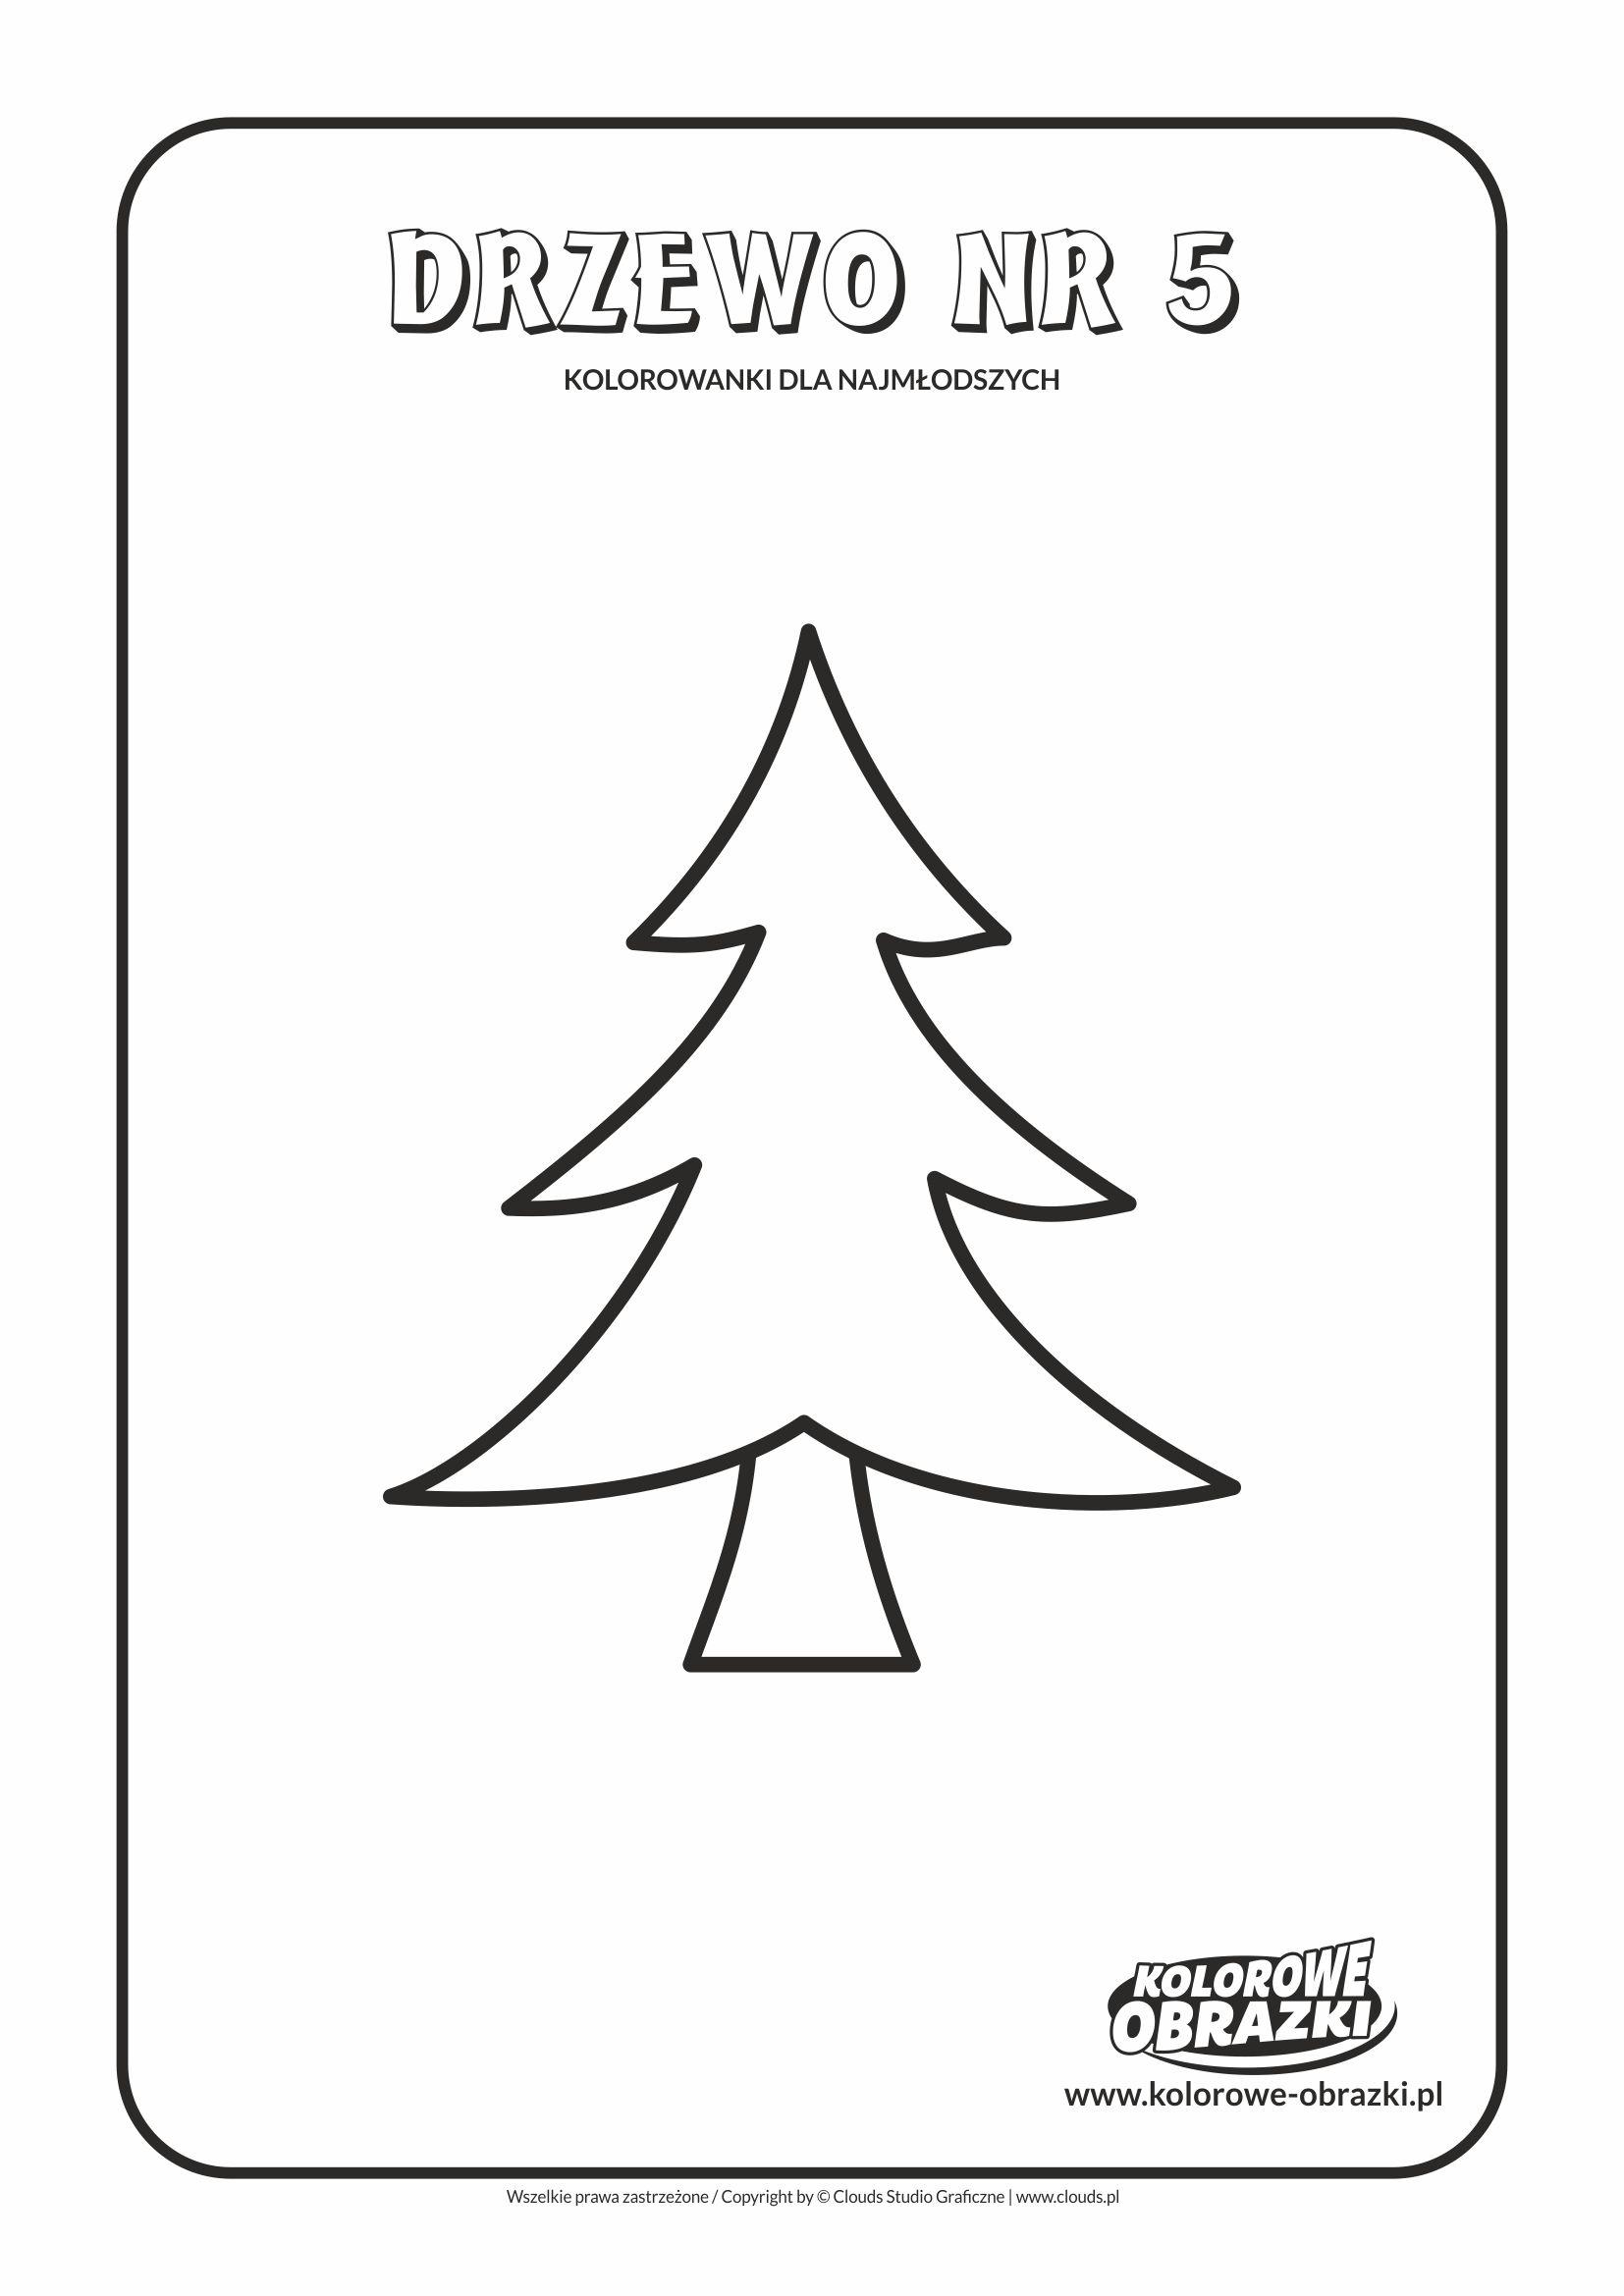 Proste kolorowanki dla najmłodszych - Drzewa / Drzewo nr 5. Kolorowanka z drzewem